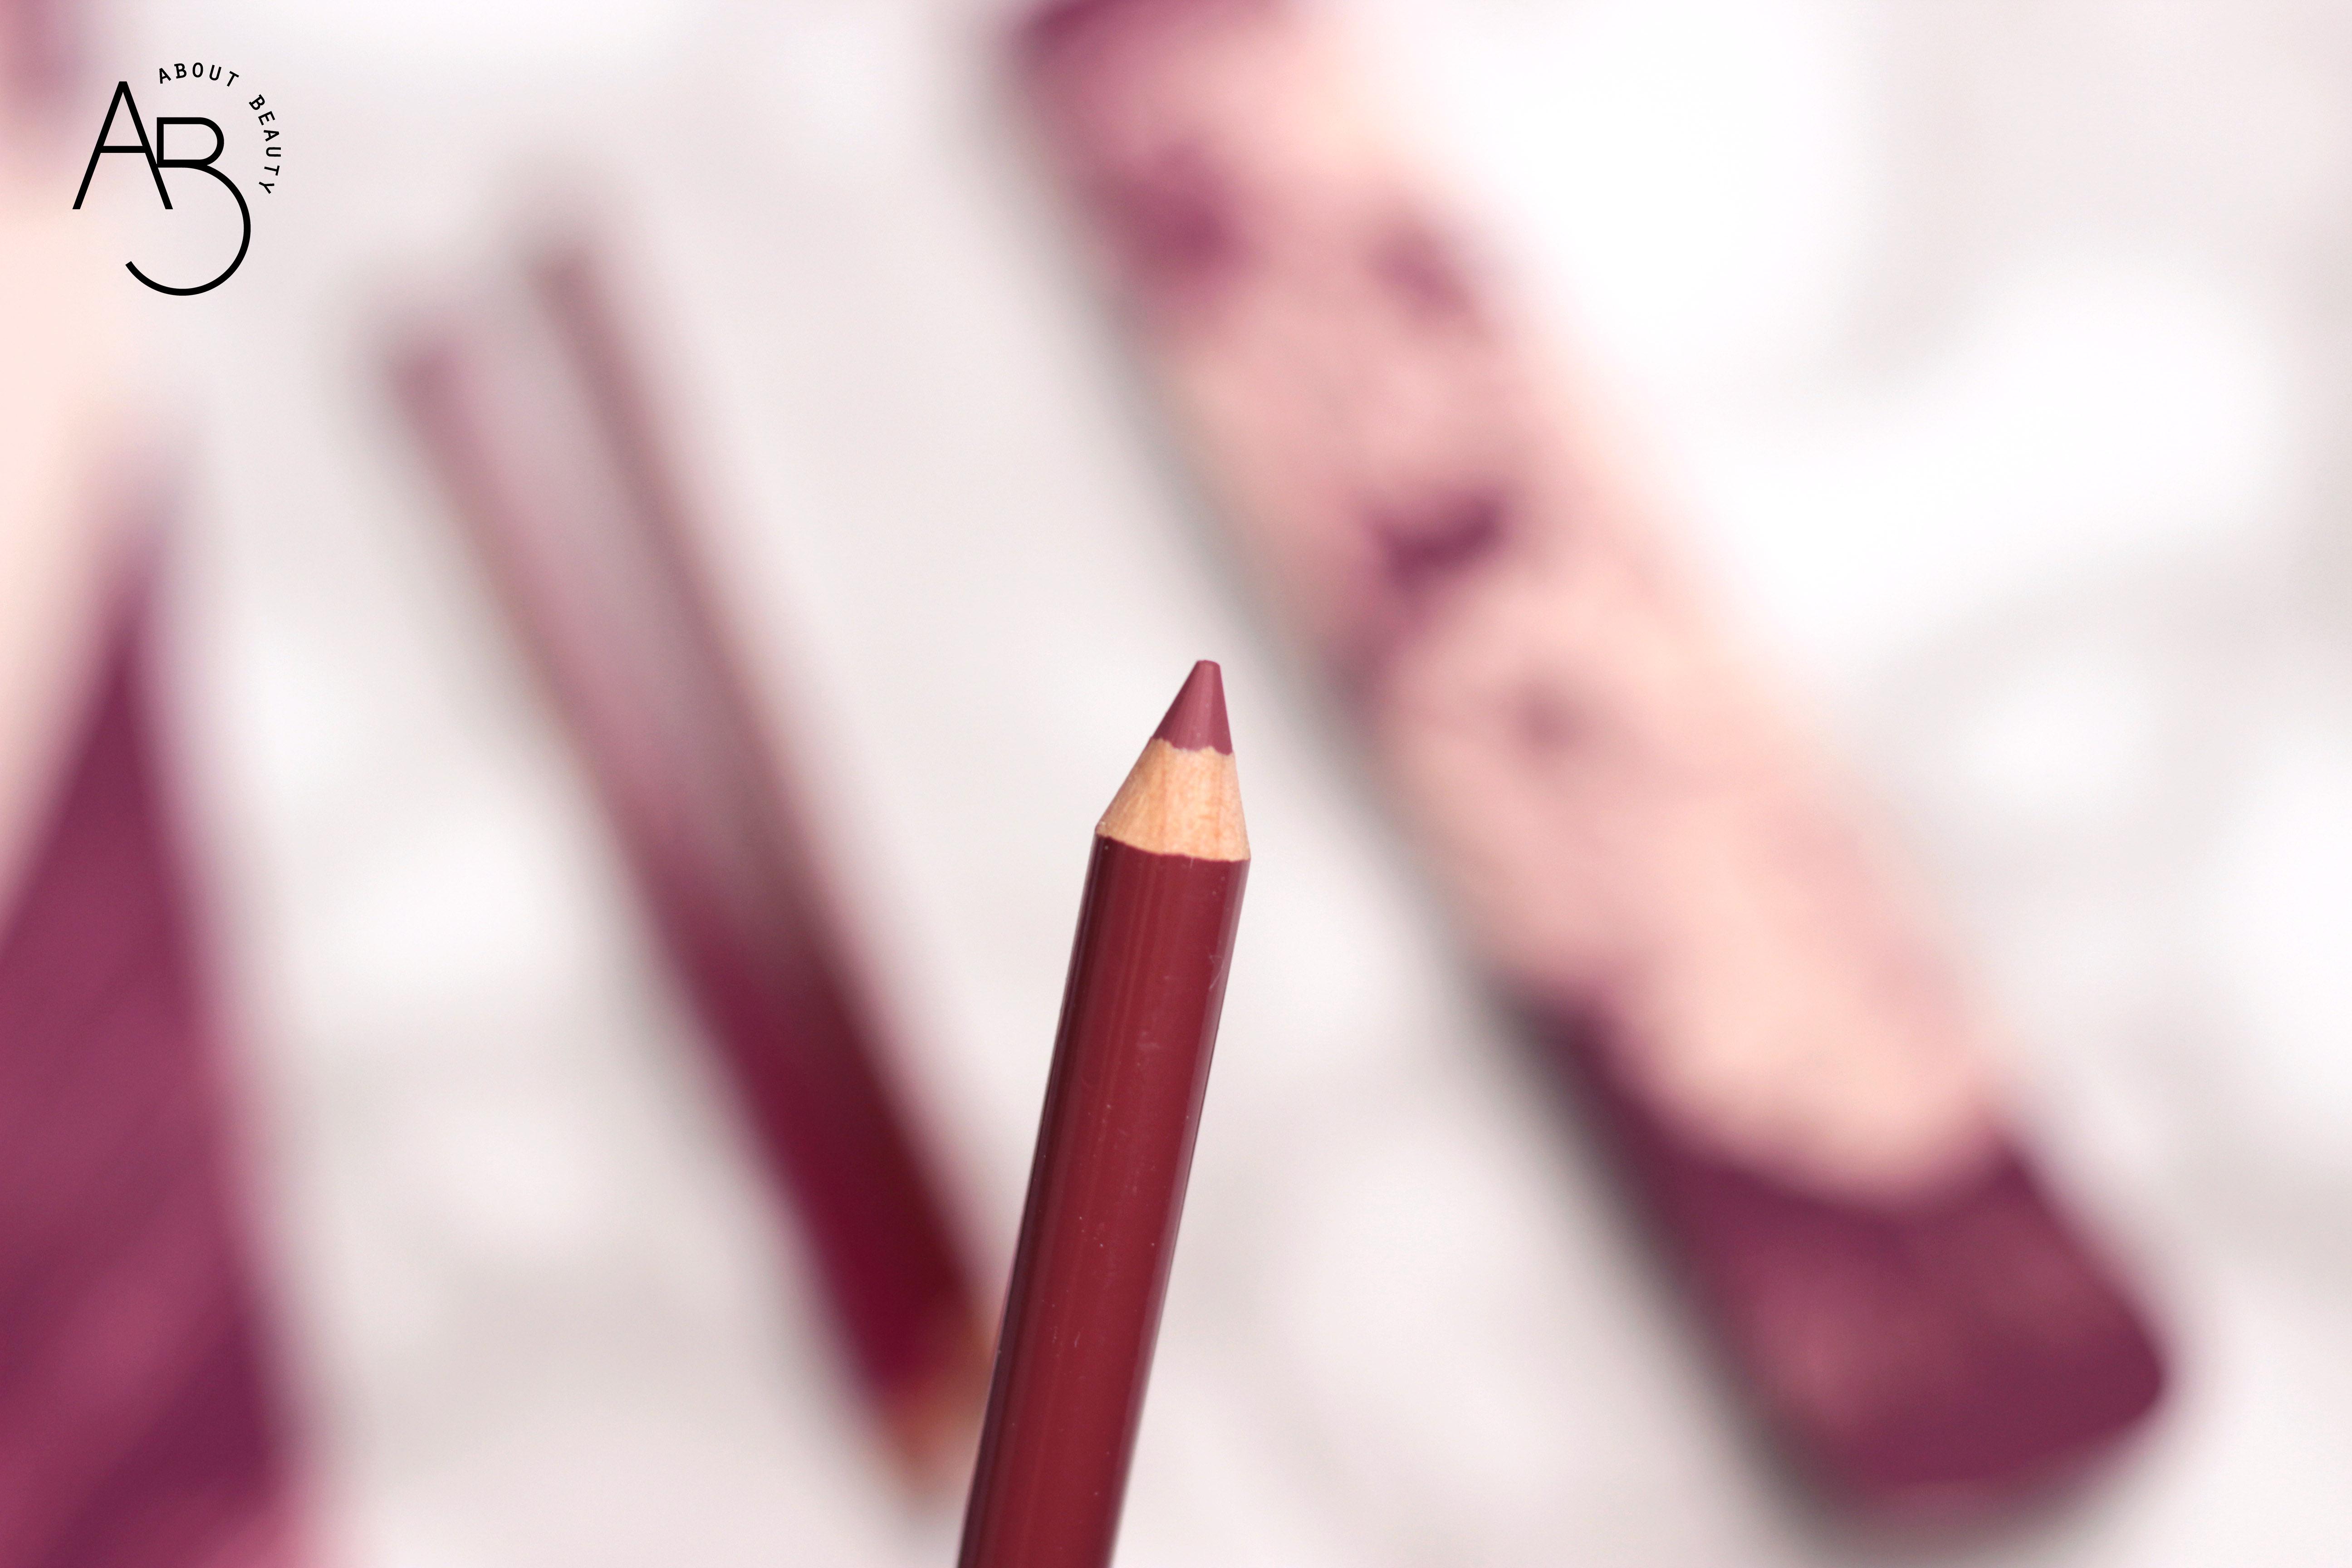 Neve Cosmetics Superheroine Collection - Matite pastello labbra lipliner - Info, review, recensione, prezzo, swatch, dove acquistare - Immortal